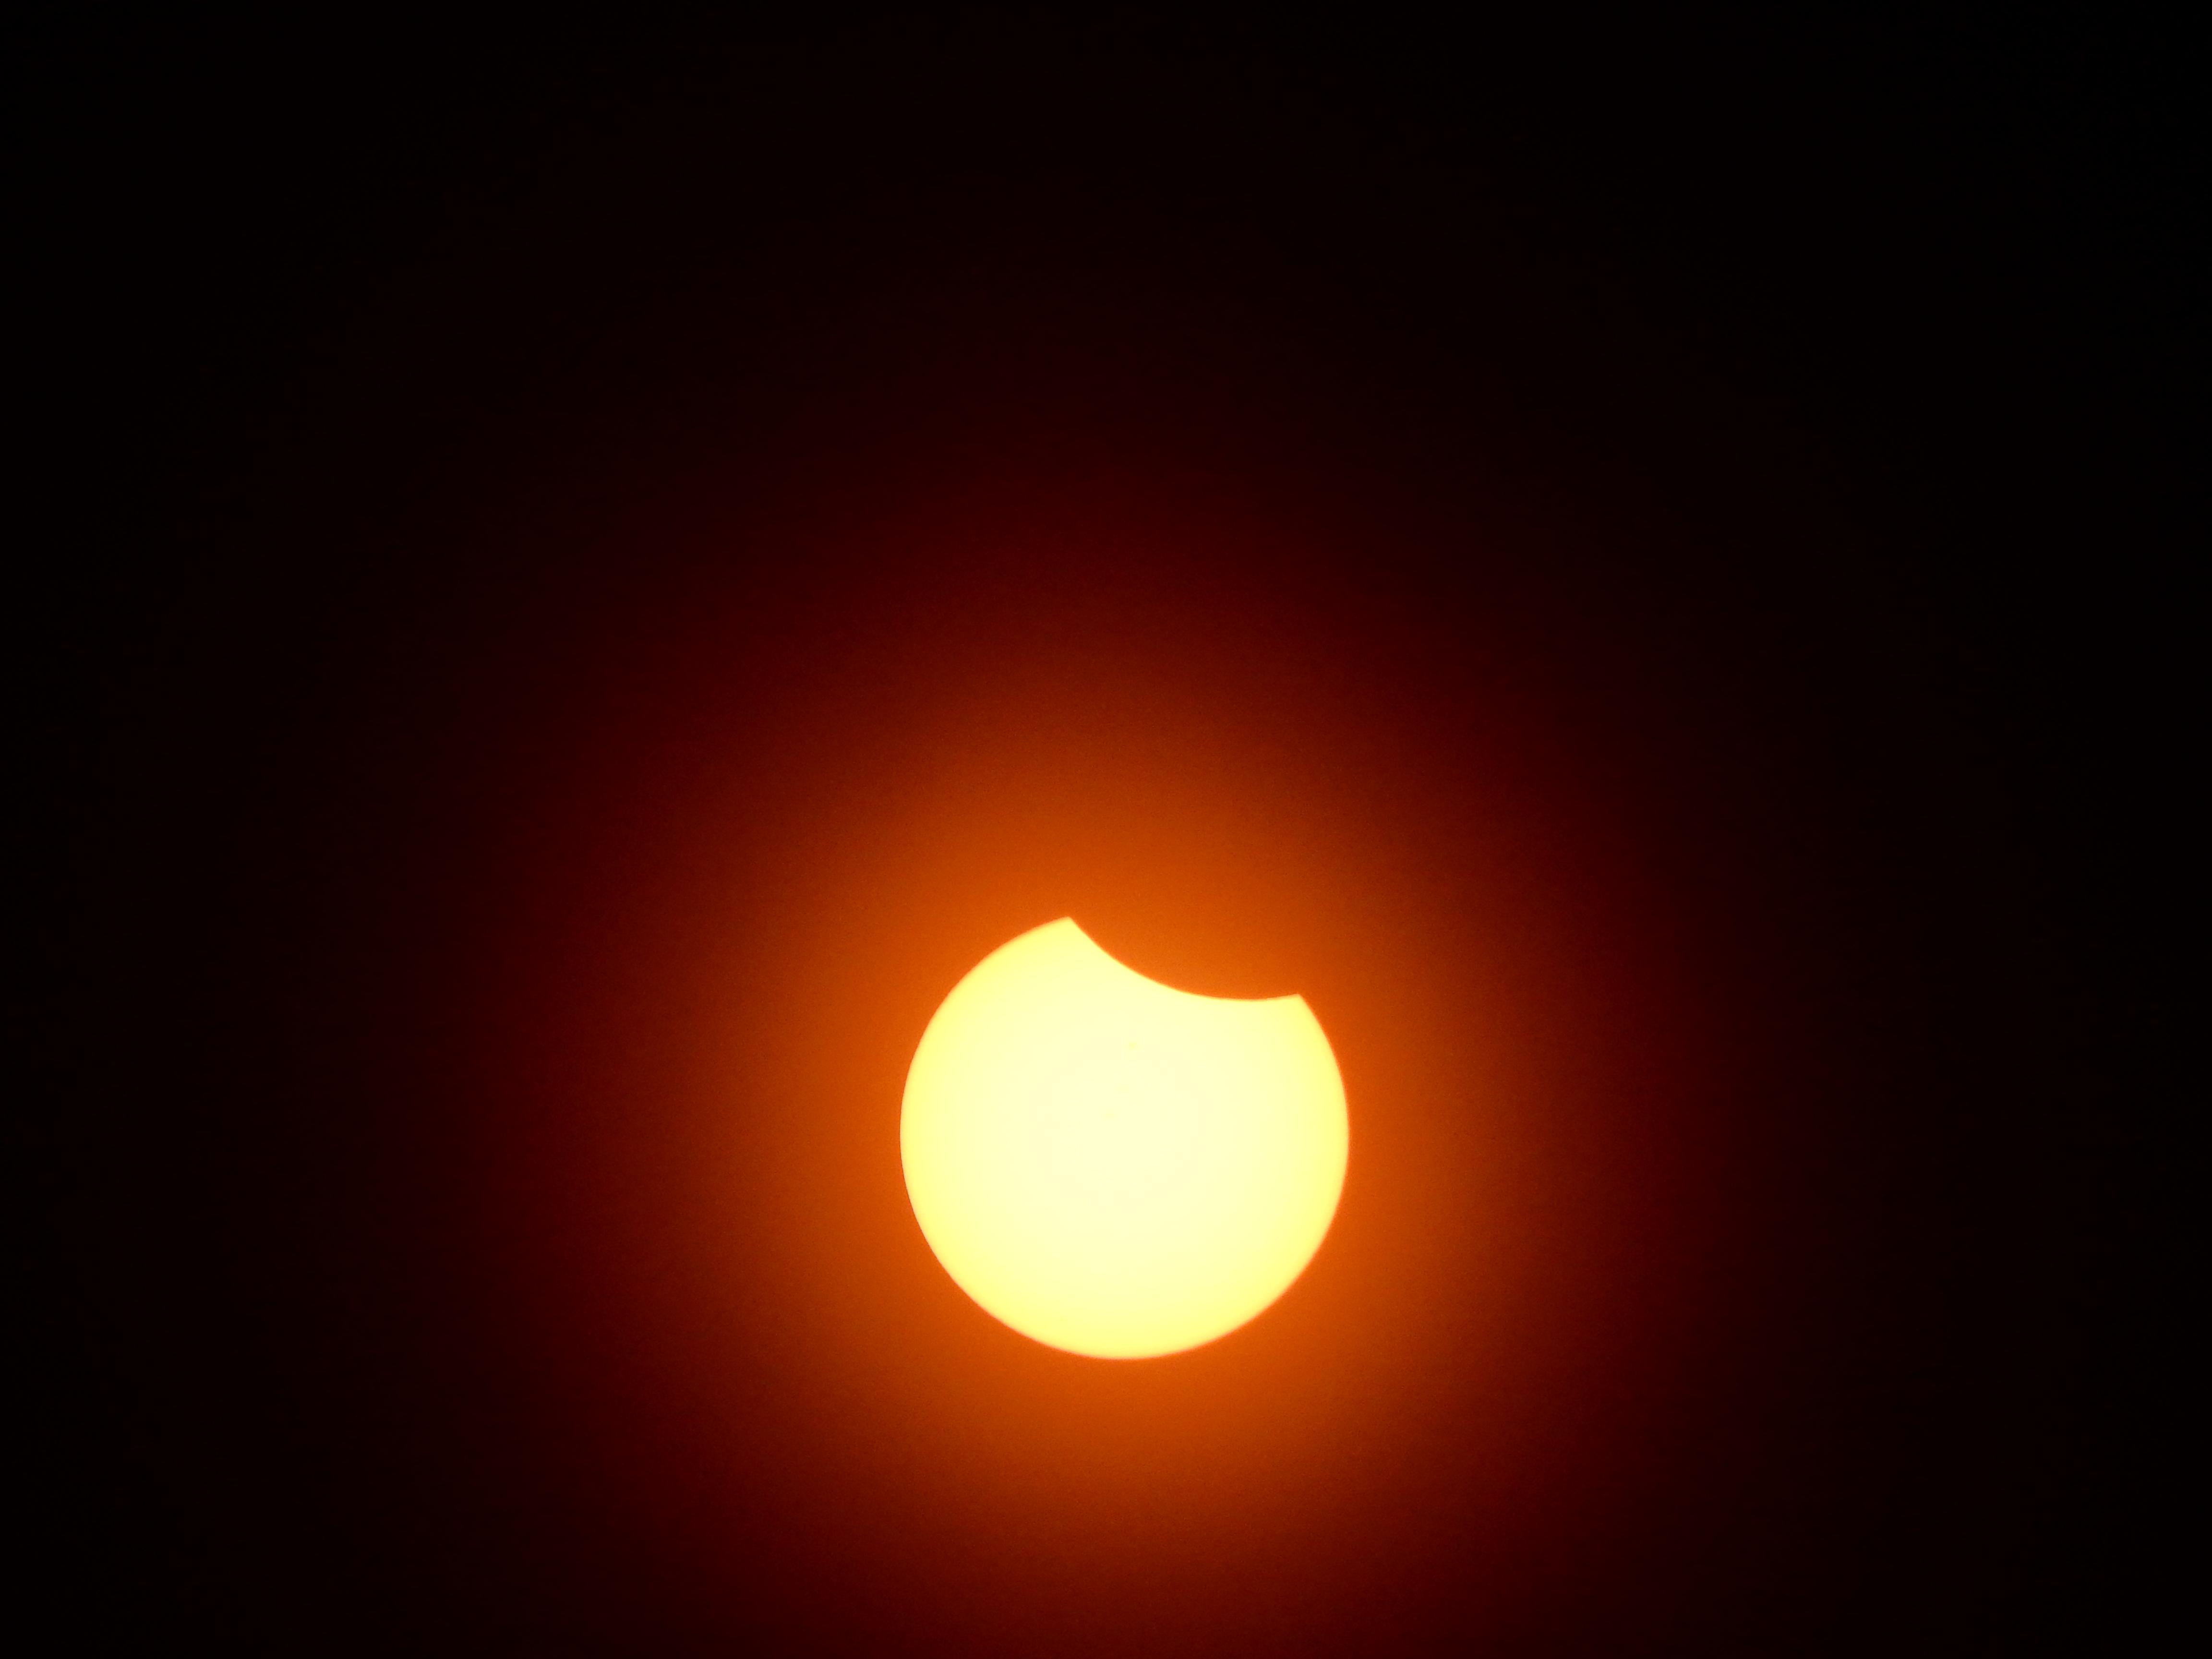 Waning sun, solar filter installed.